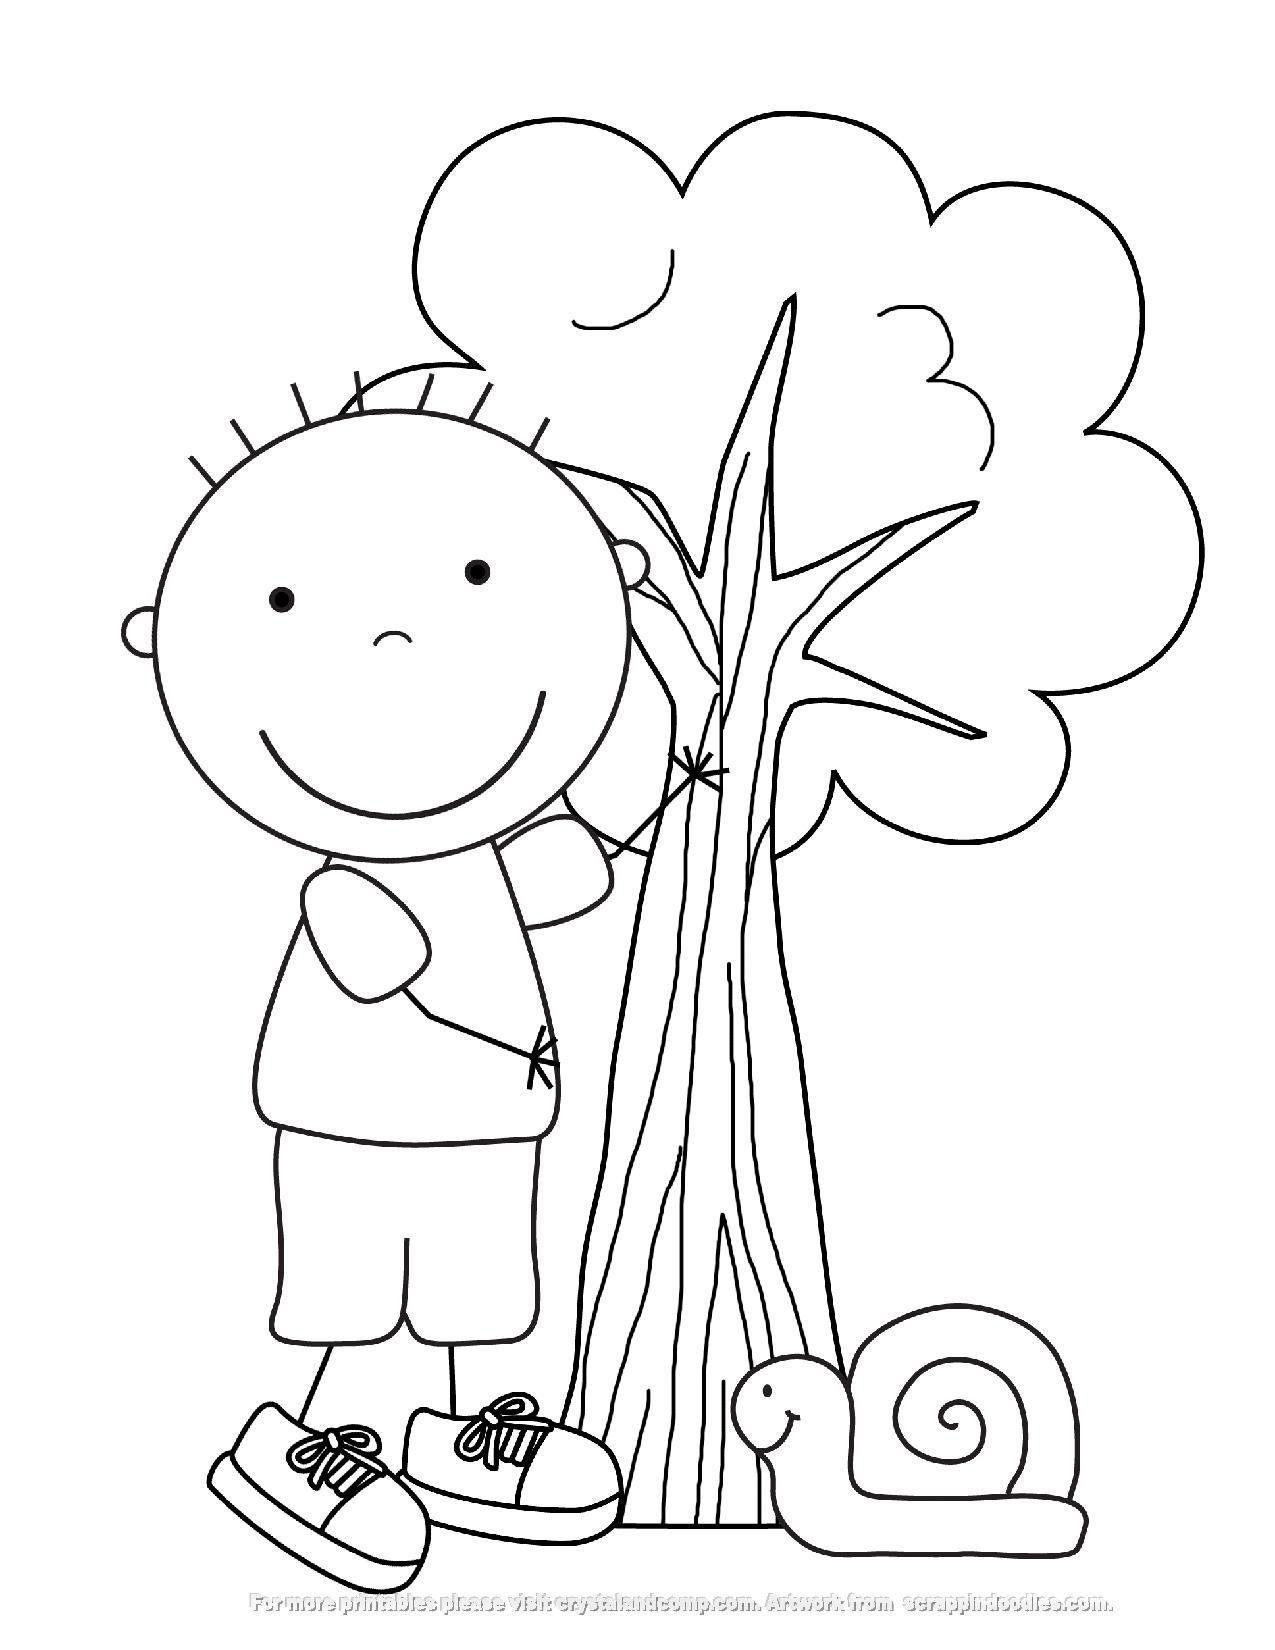 chlapec 5 | föld napja | Pinterest | Öko, Vorschule und Gärten